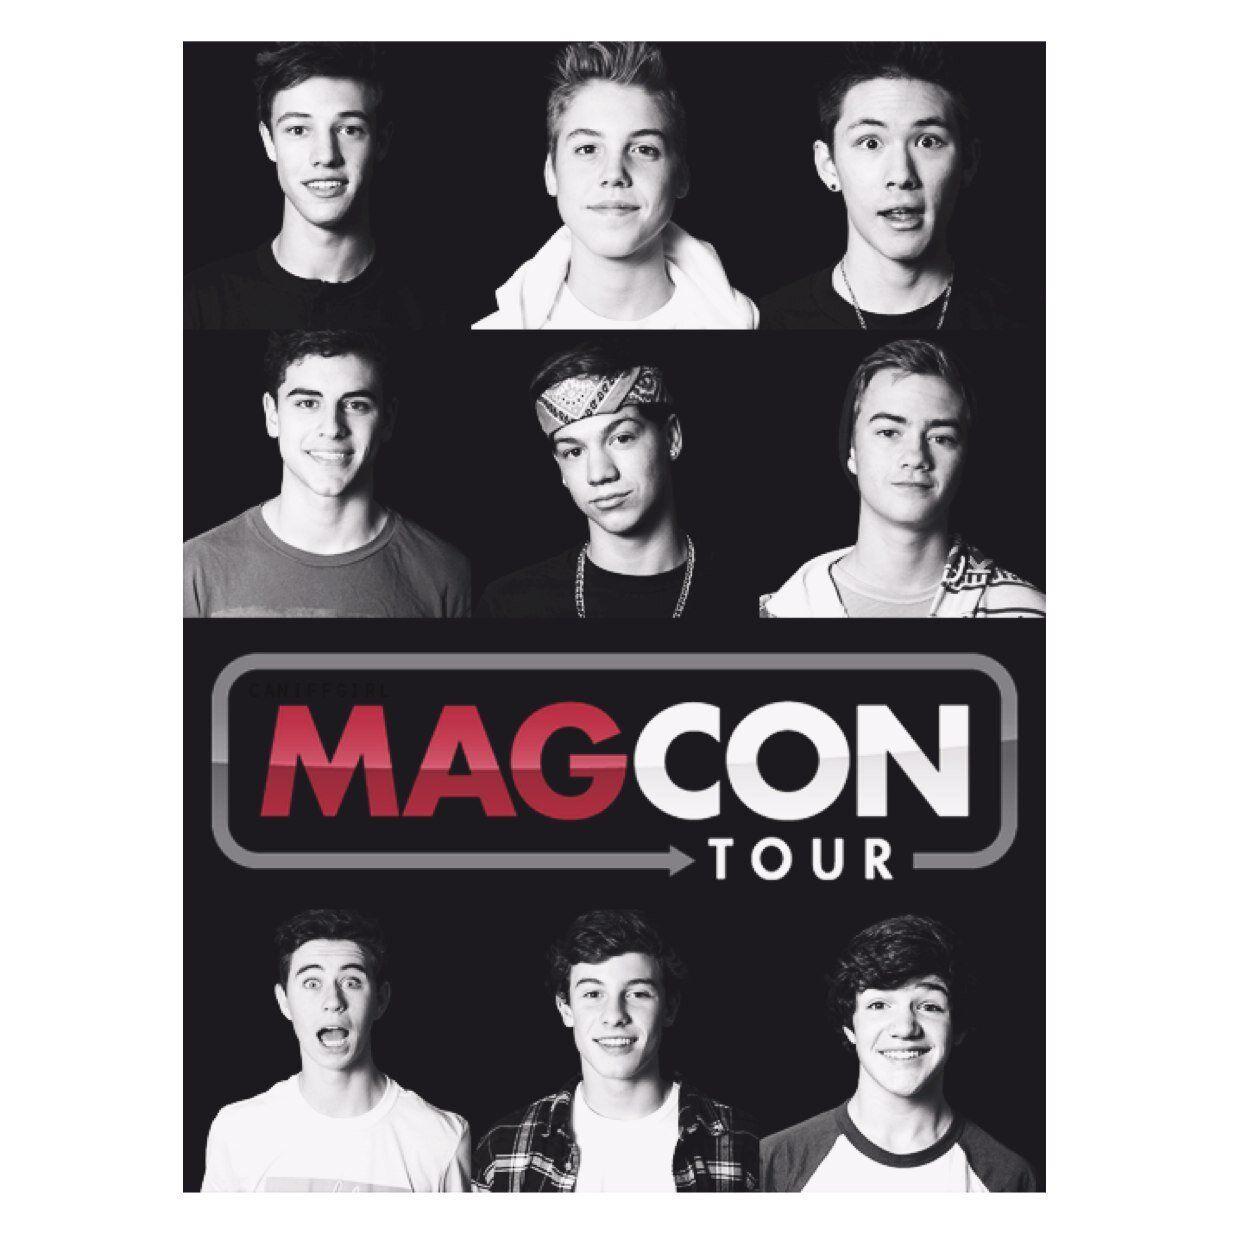 Magcon Magcon Magcon Imagine Magcon Pinterest Magcon